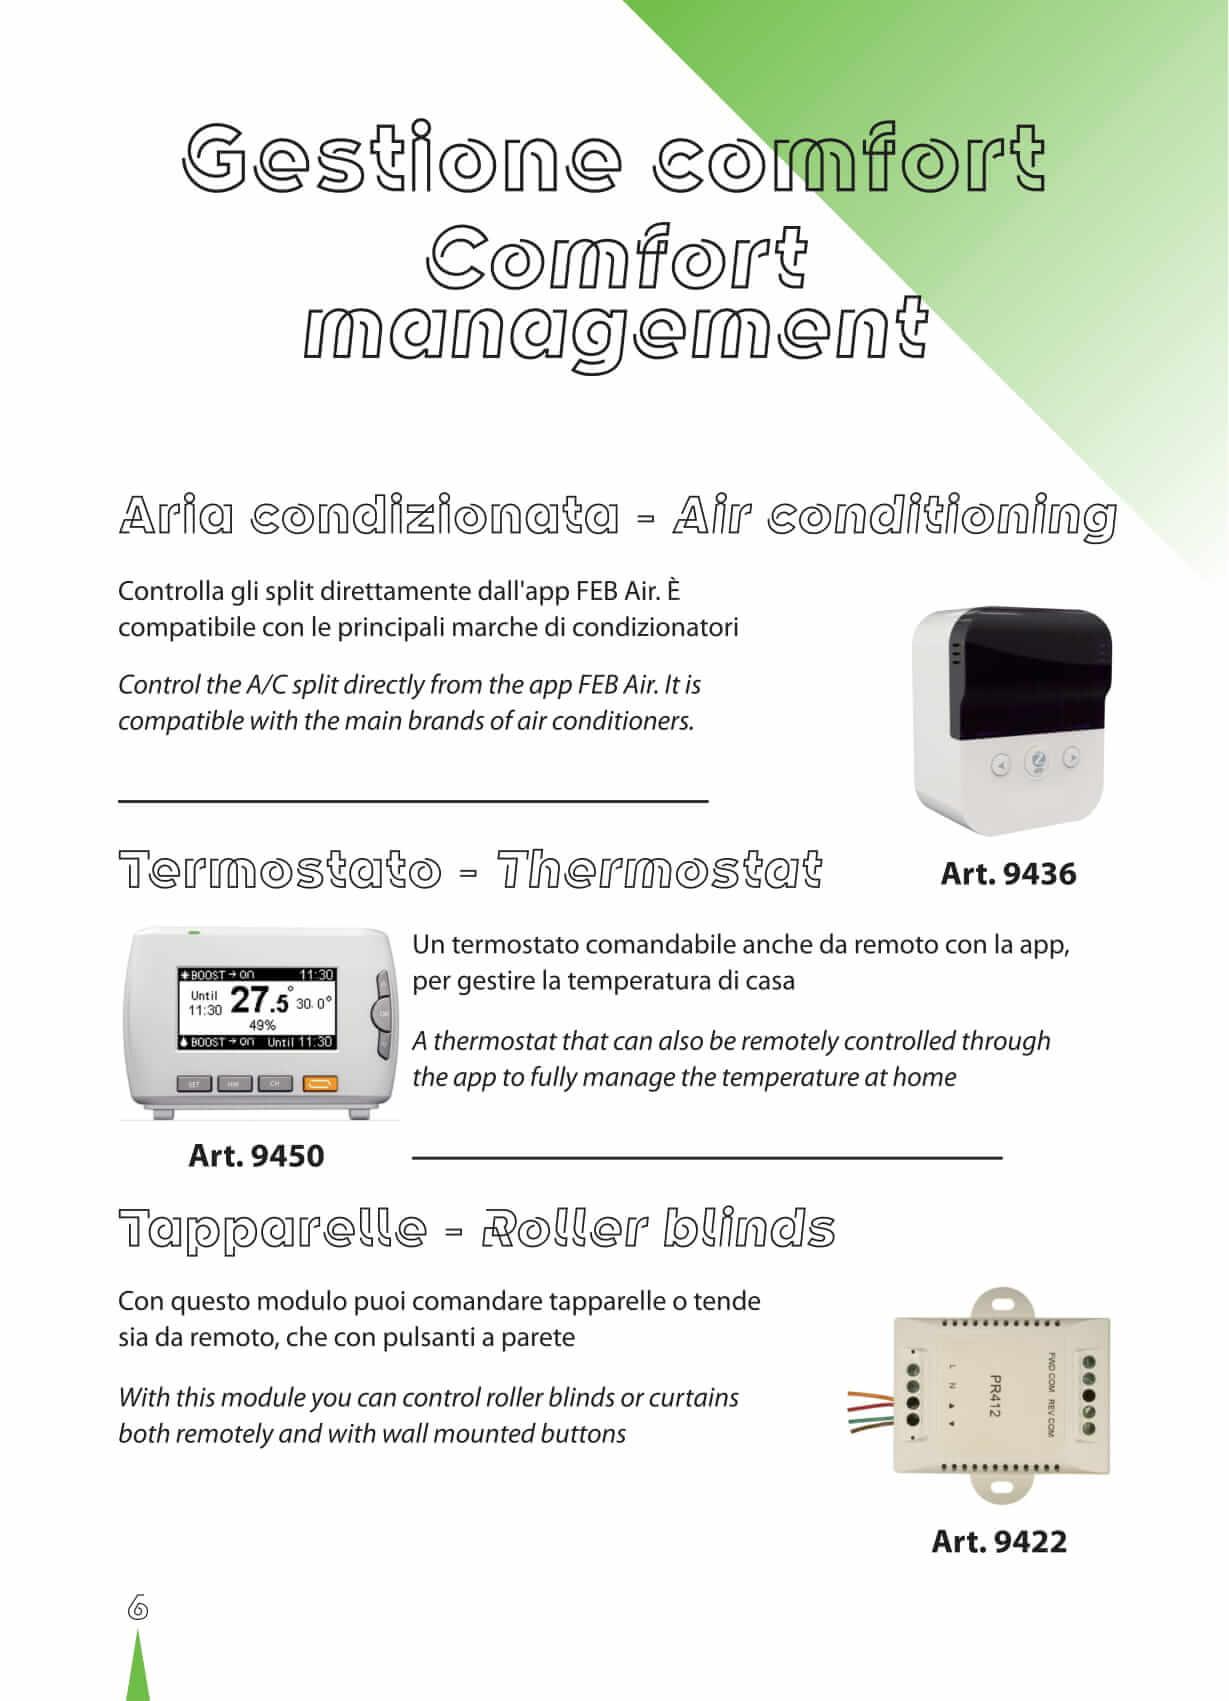 climatizzatori, condizionatori, termostati cronotermostati controllo da domotica casa wifi